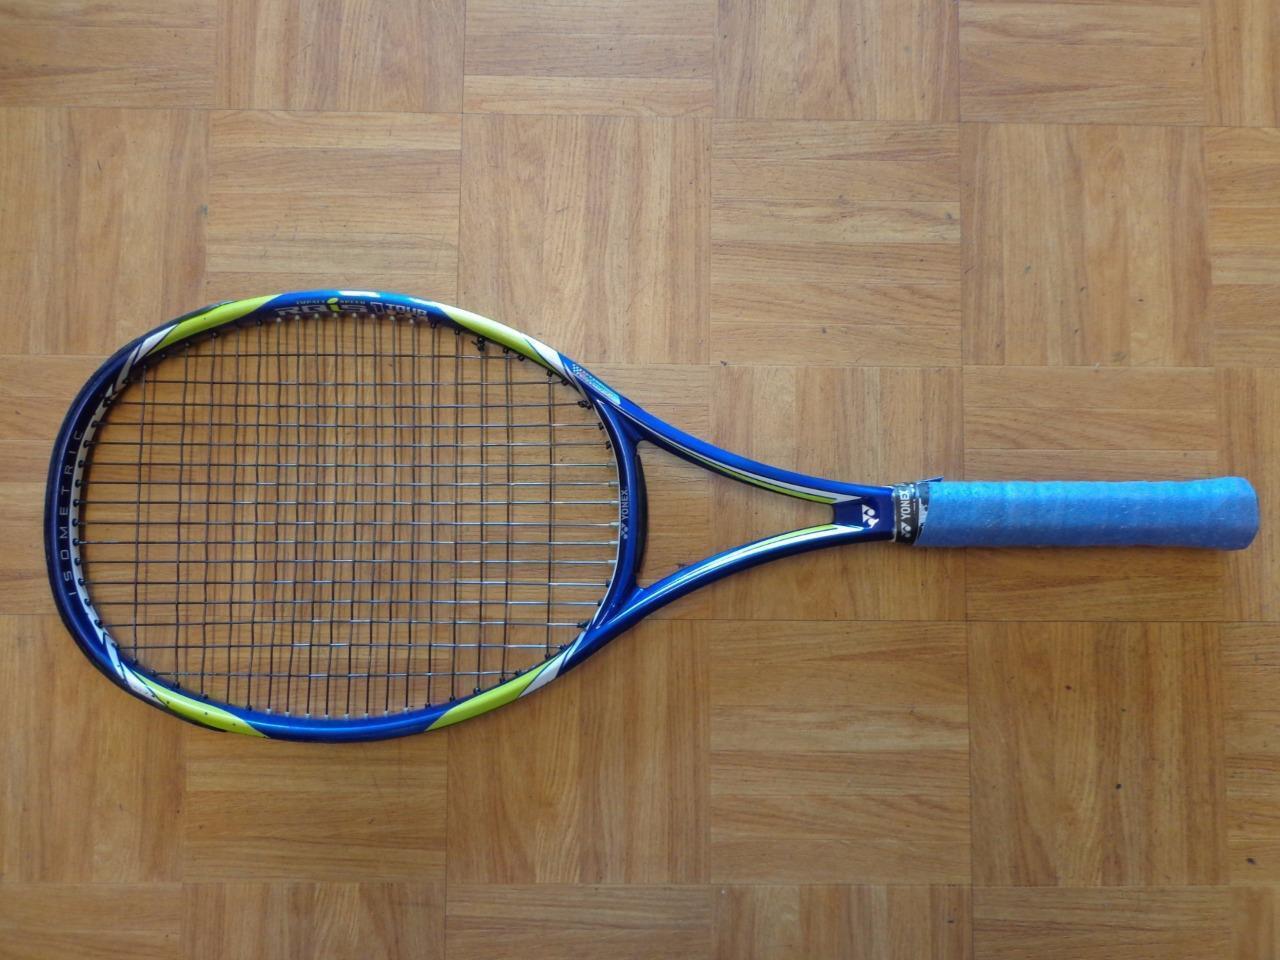 Yonex RQIS 1 TOUR XL 95 Head HG 4 1 4 grip raquette de tennis